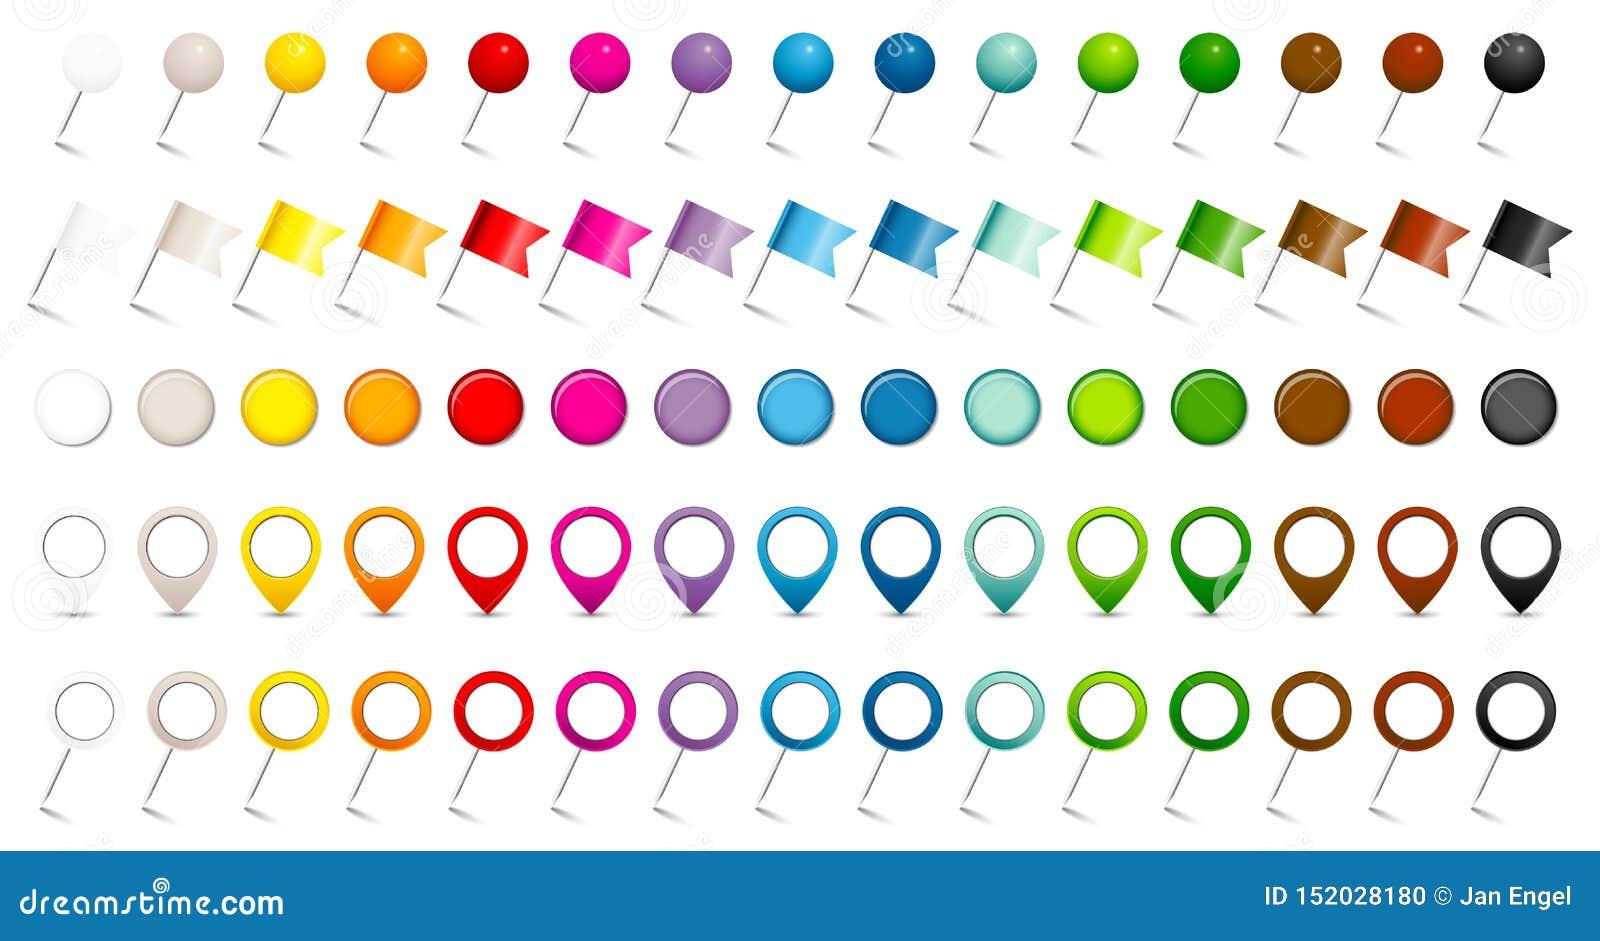 De reeks van Vijf Verschillende Spelden markeert Wijzers en Magneten Vijftien Kleuren